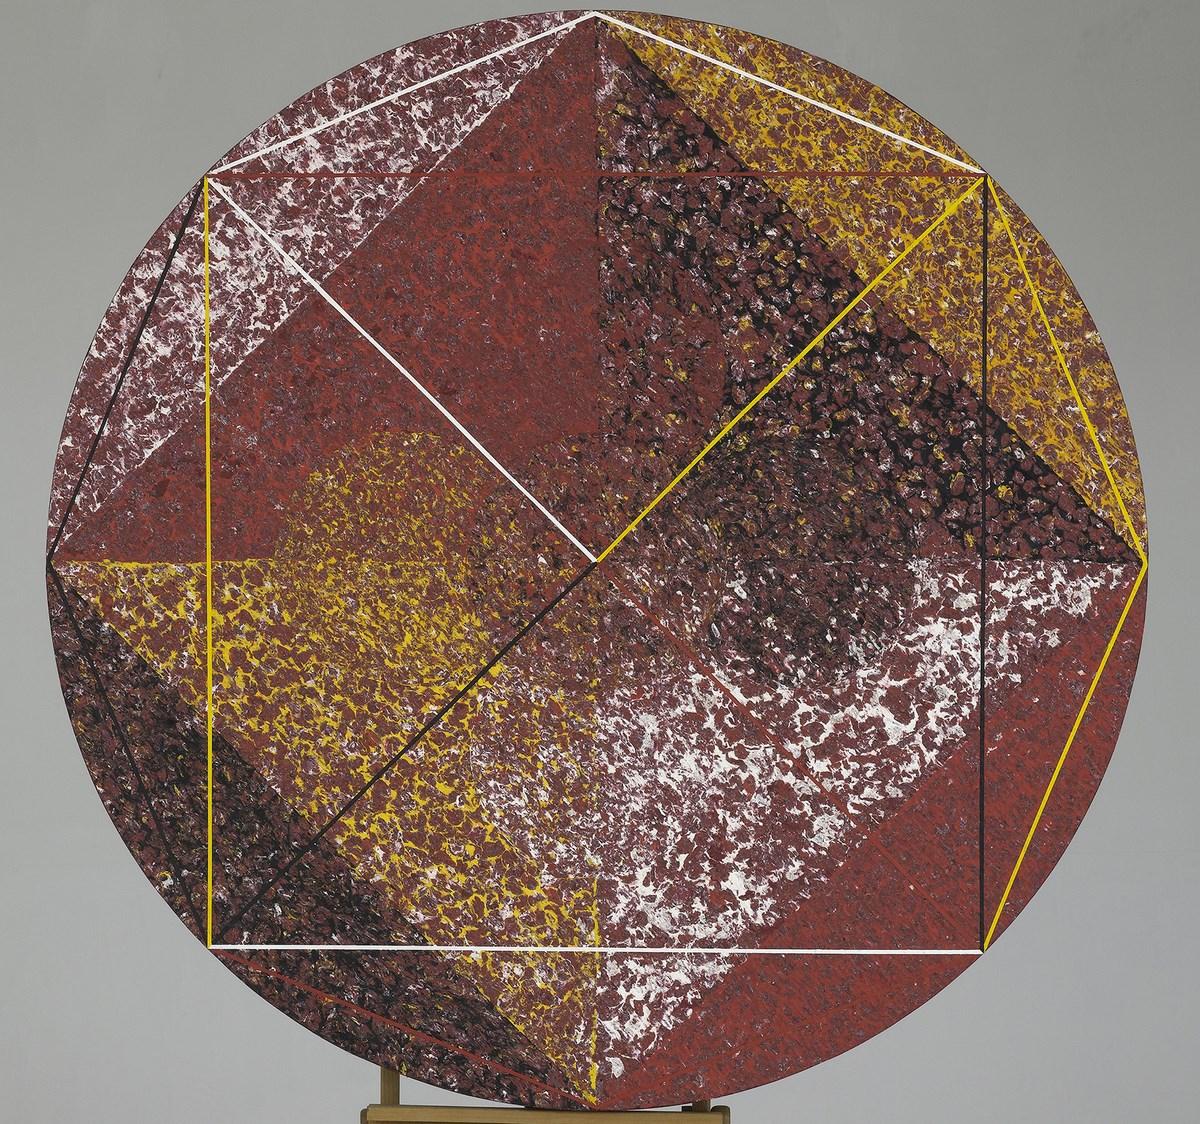 """Krzysztof Gliszczyński, """"Geometrica de Physiologiam..."""", fot. Dominik Kulaszewicz (źródło: materiały prasowe organizatora)"""